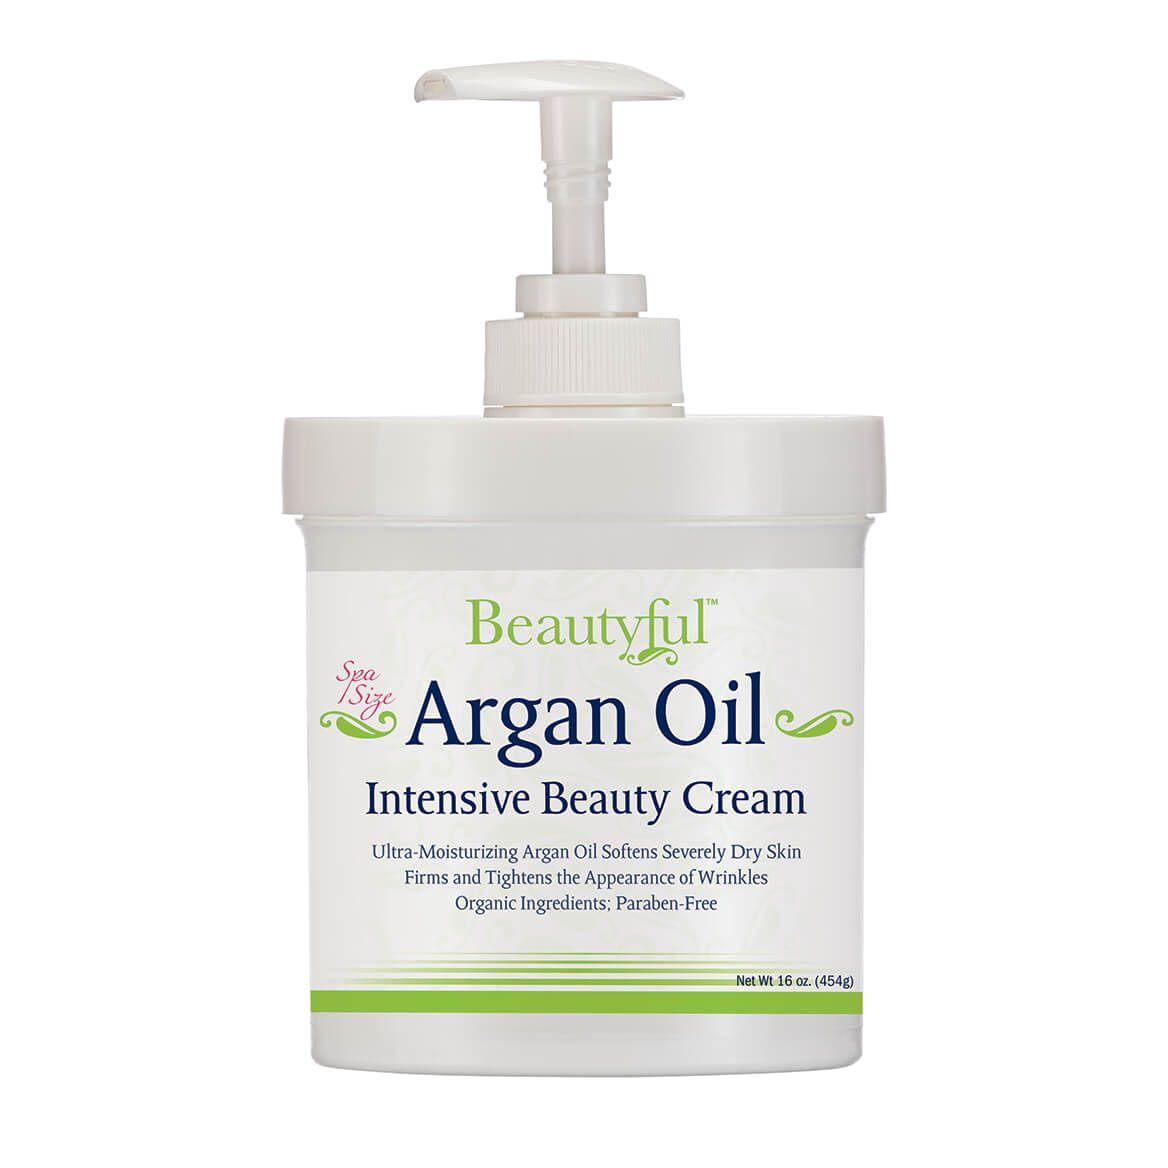 Beautyful™ Argan Oil Intensive Beauty Cream 16oz.-349041